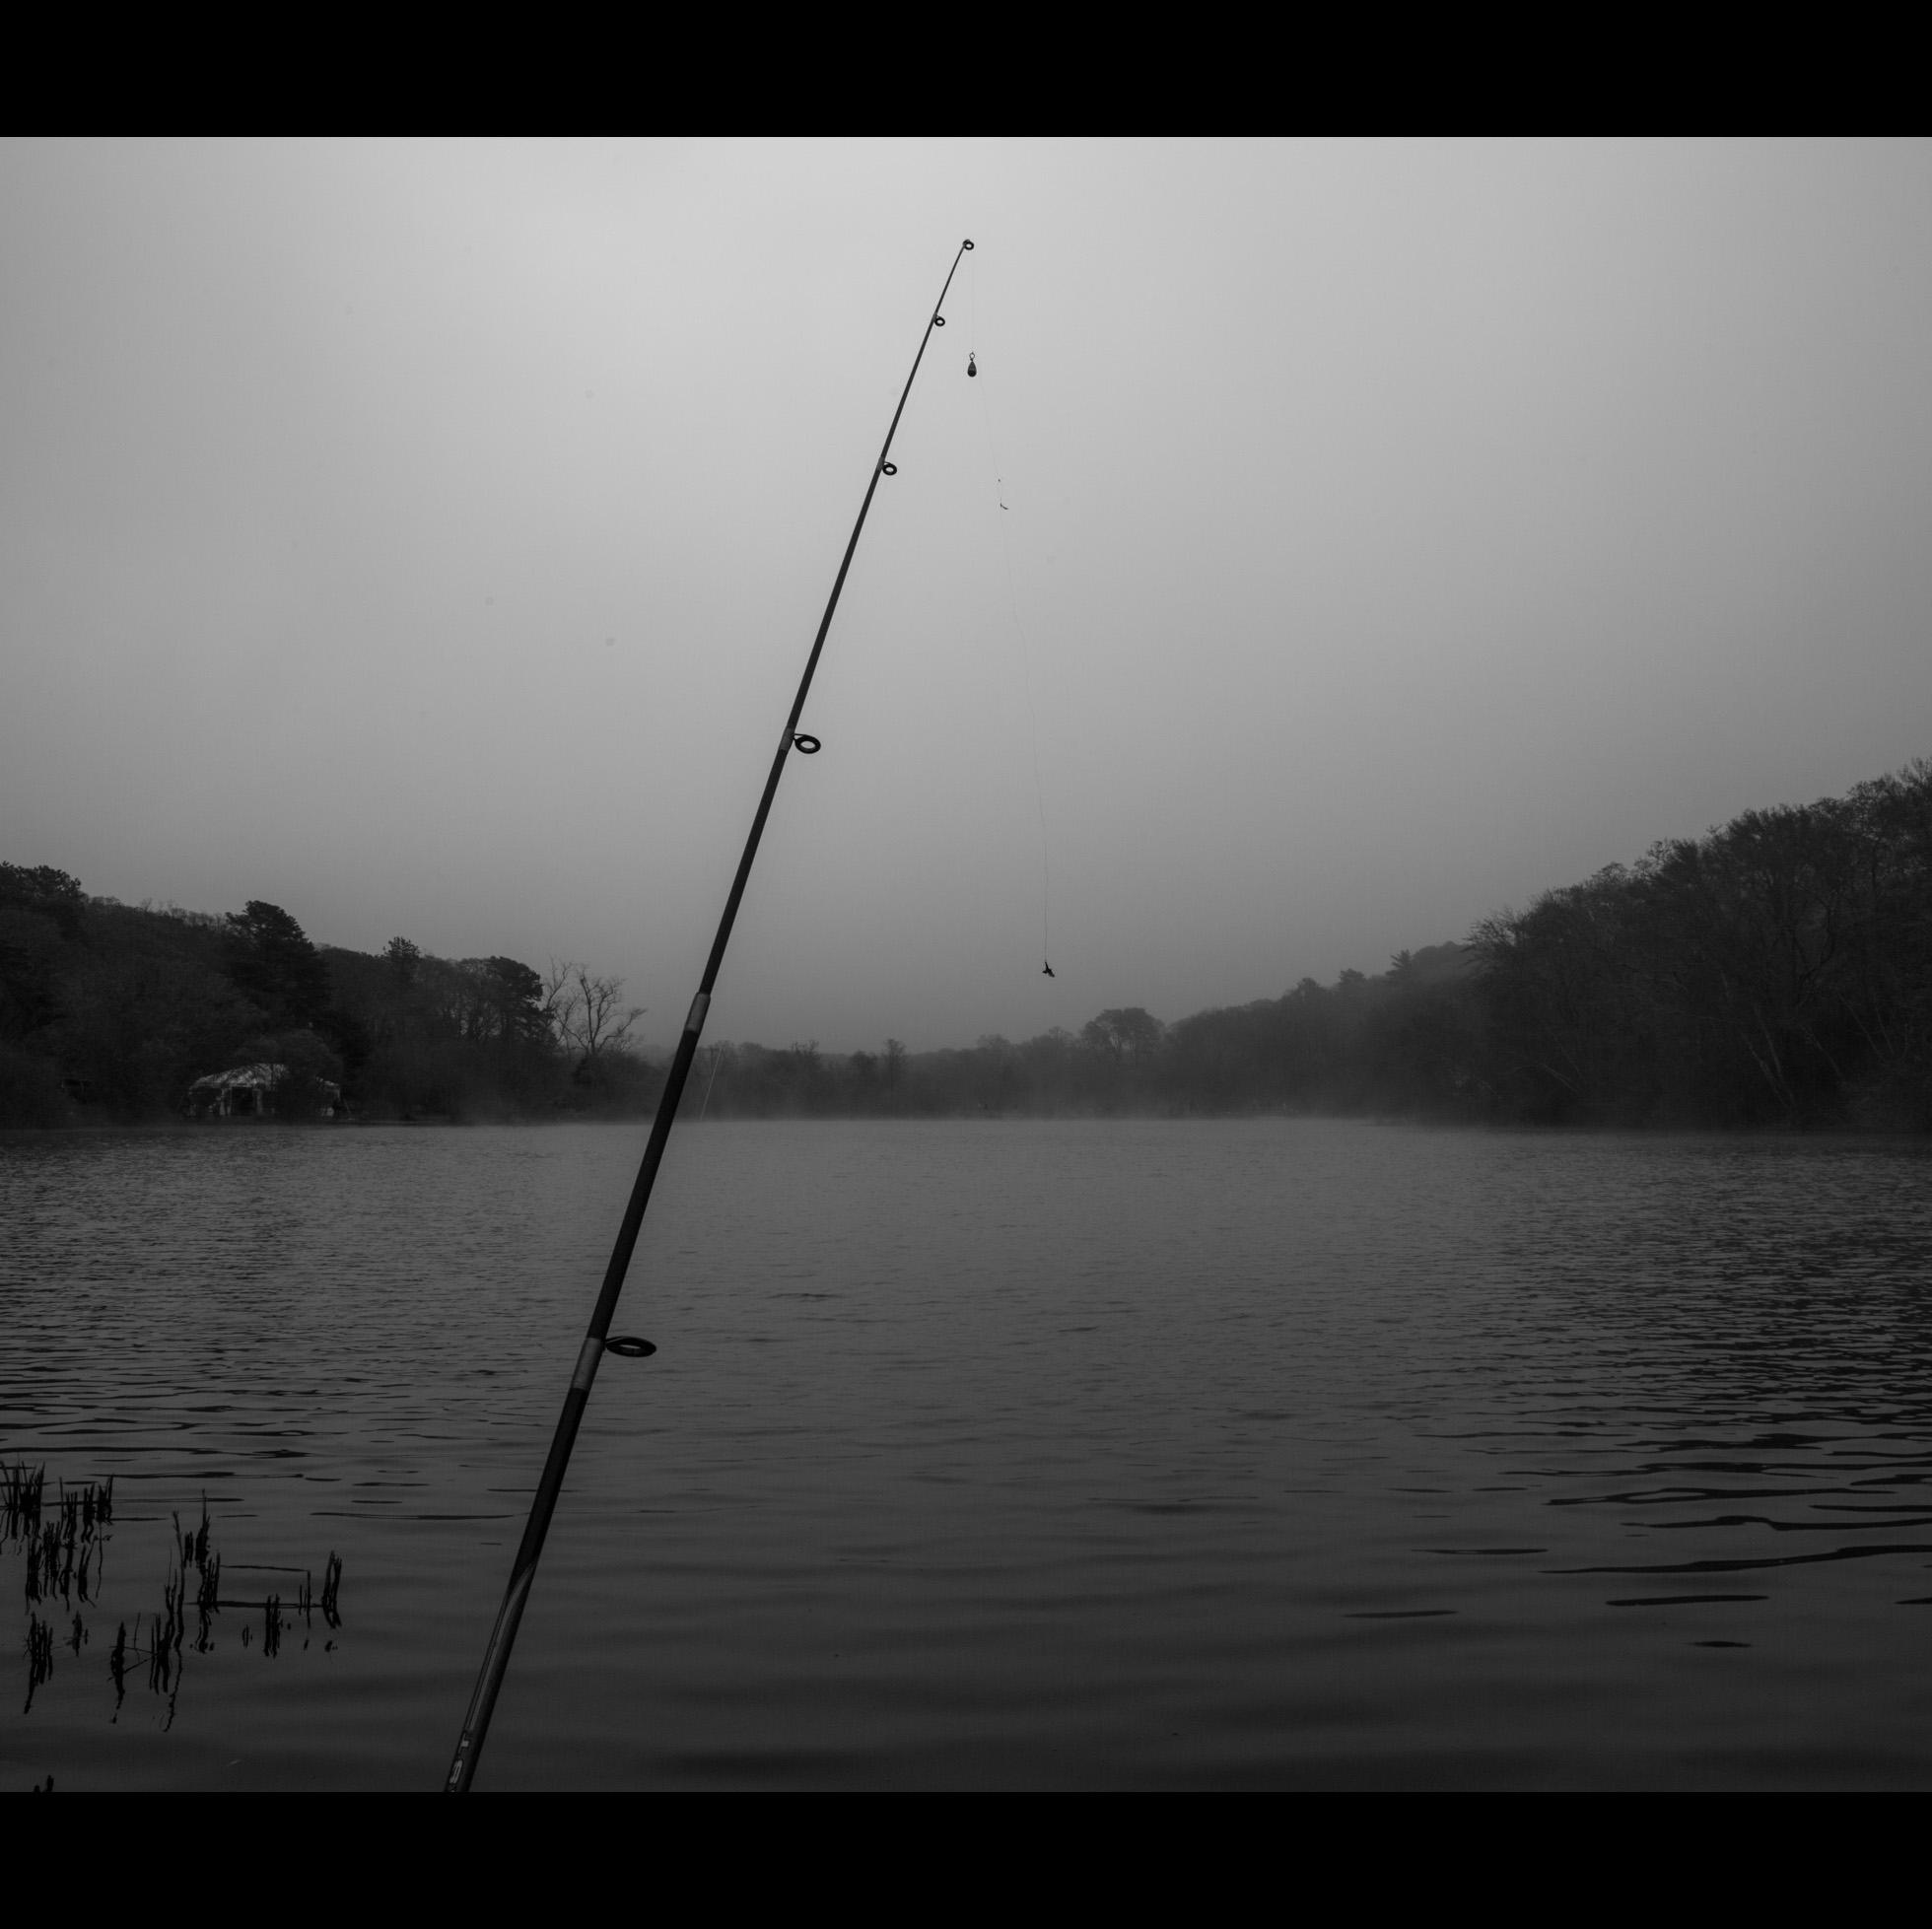 5.9 FOGGY FISH